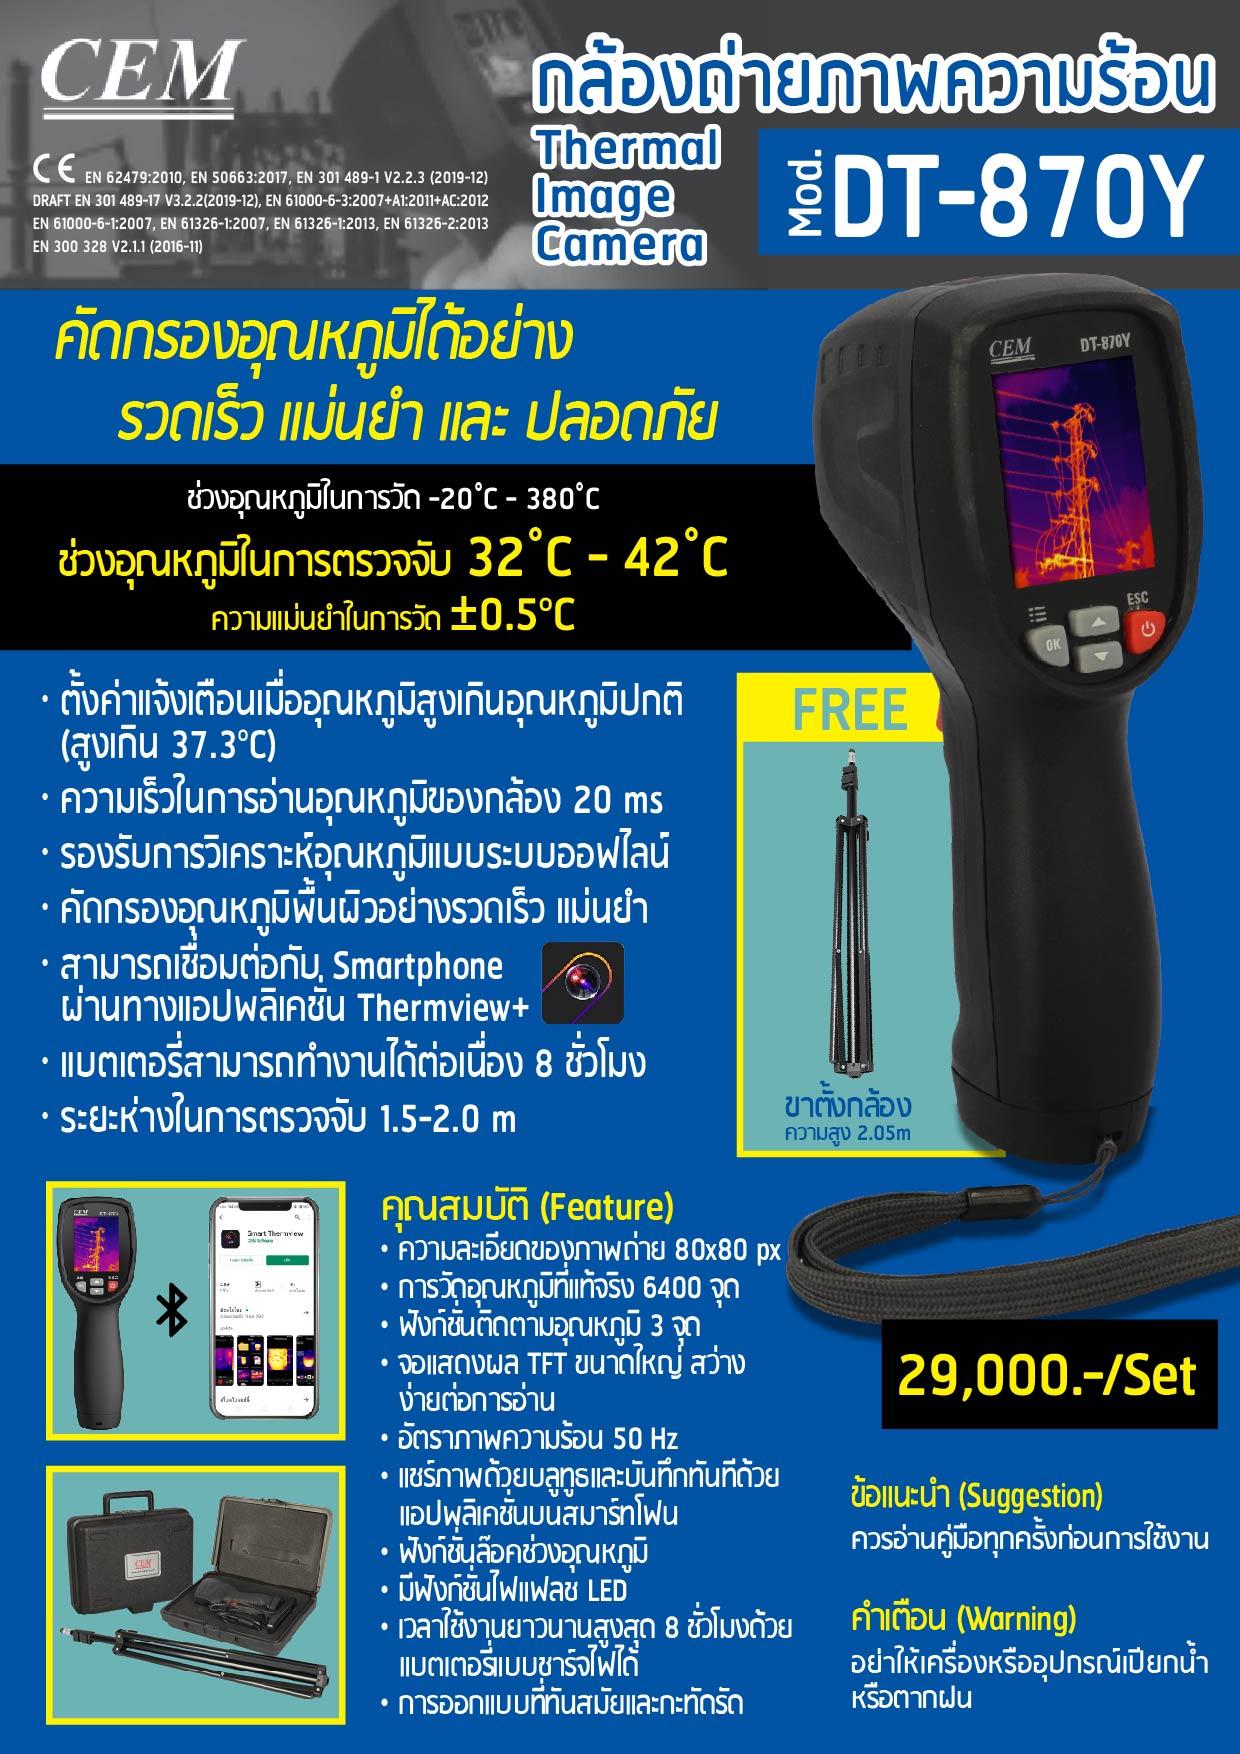 (2/28) กล้องถ่ายภาพความร้อน DT-870Y